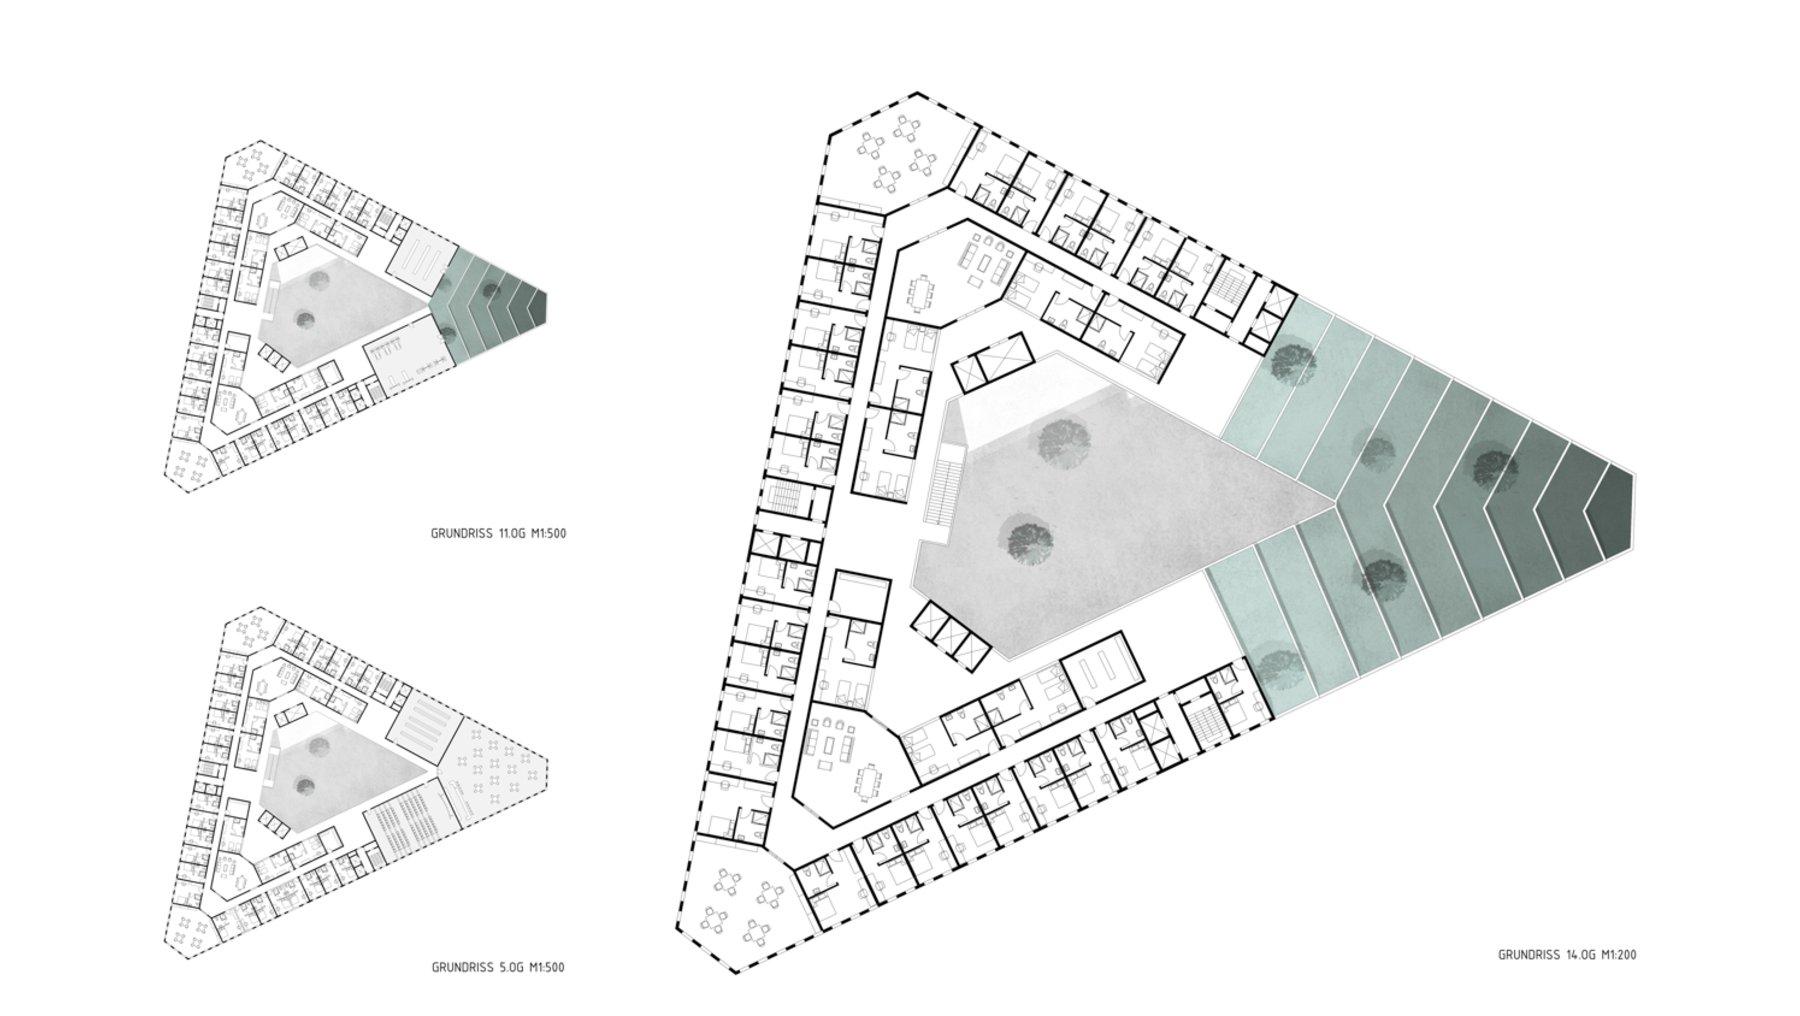 eVolo Skyscraper Competition Frankfurt/M. - Semesterarbeit von Zhao Huang